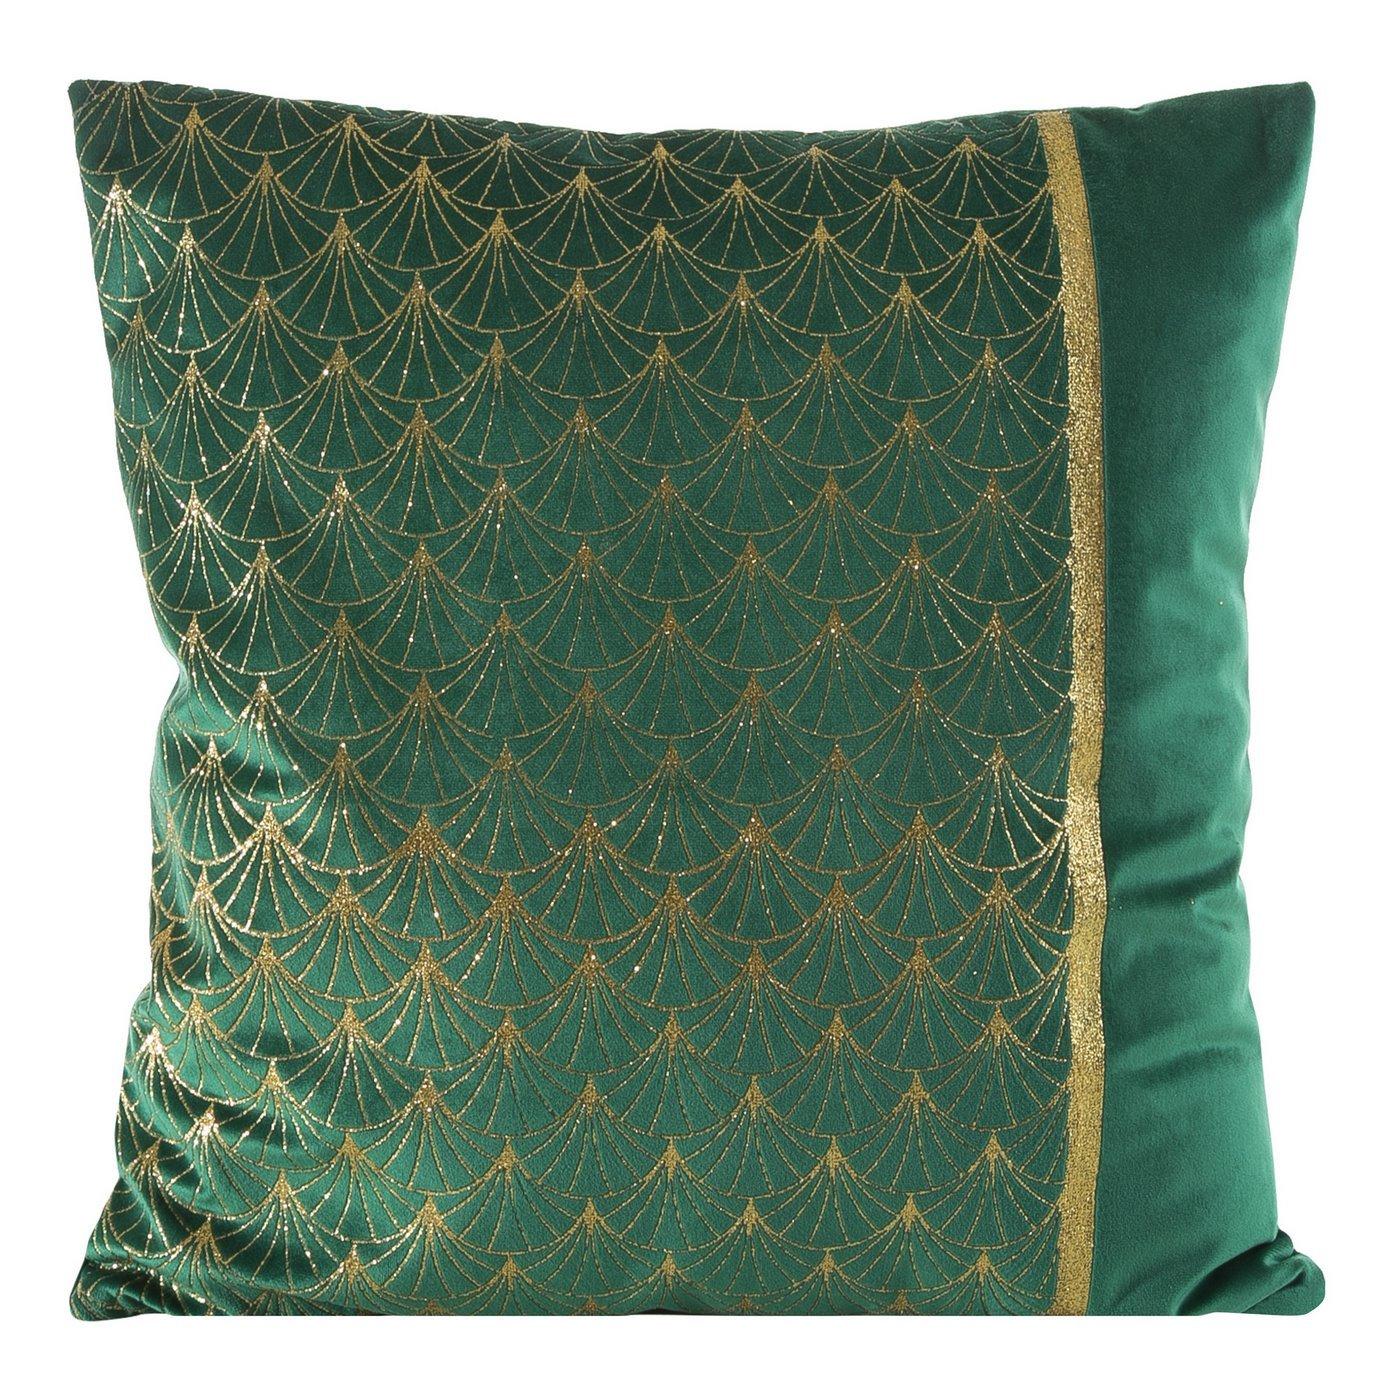 Poszewka dekoracyjna na poduszkę  45 x 45 Kolor Zielony/Złoty